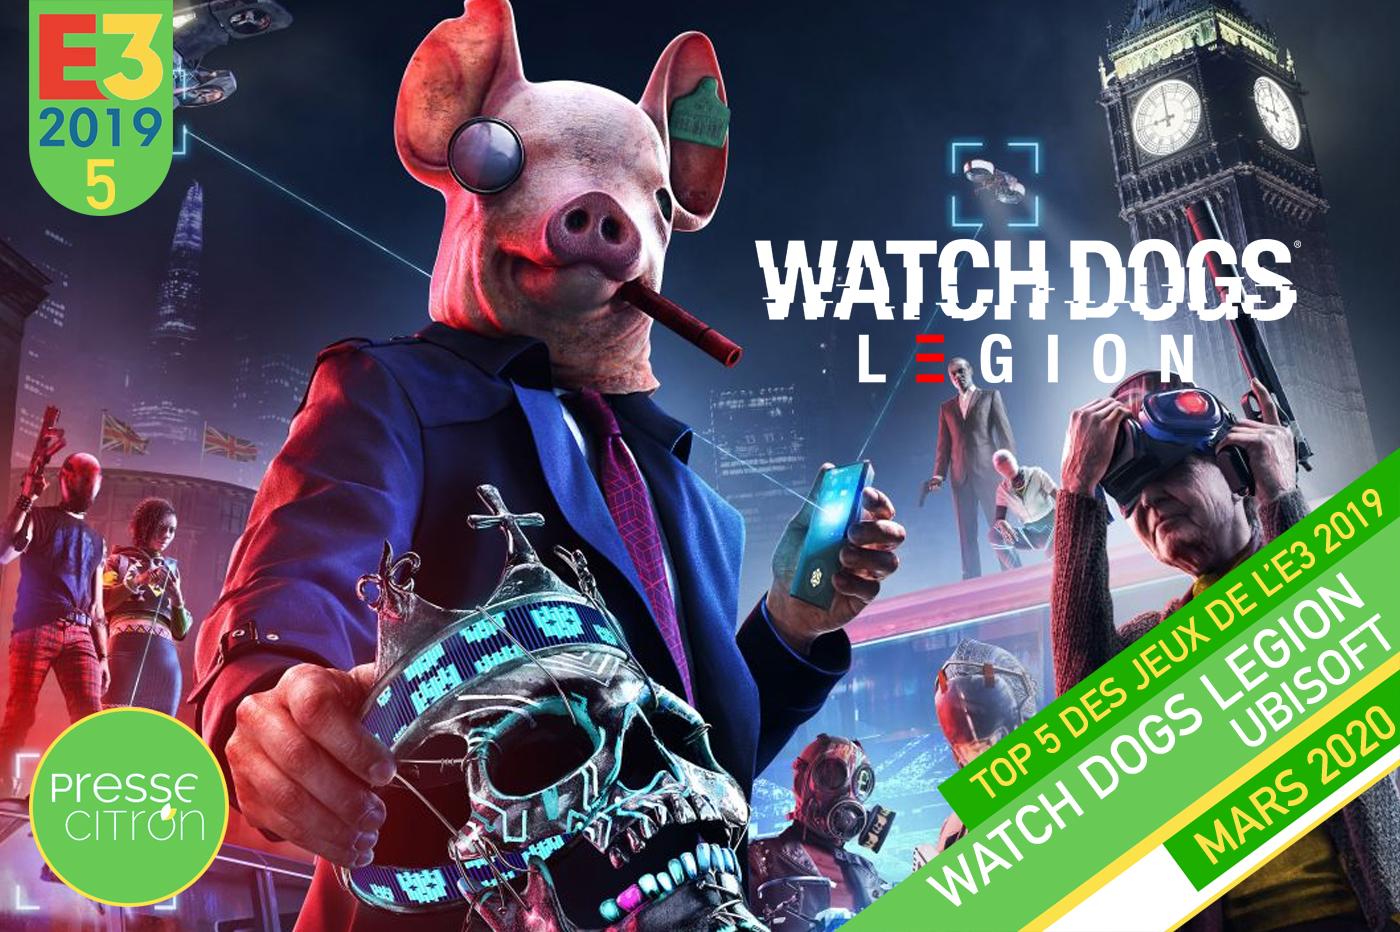 Top 5 E3 2019 Presse-Citron Watch Dogs Legion